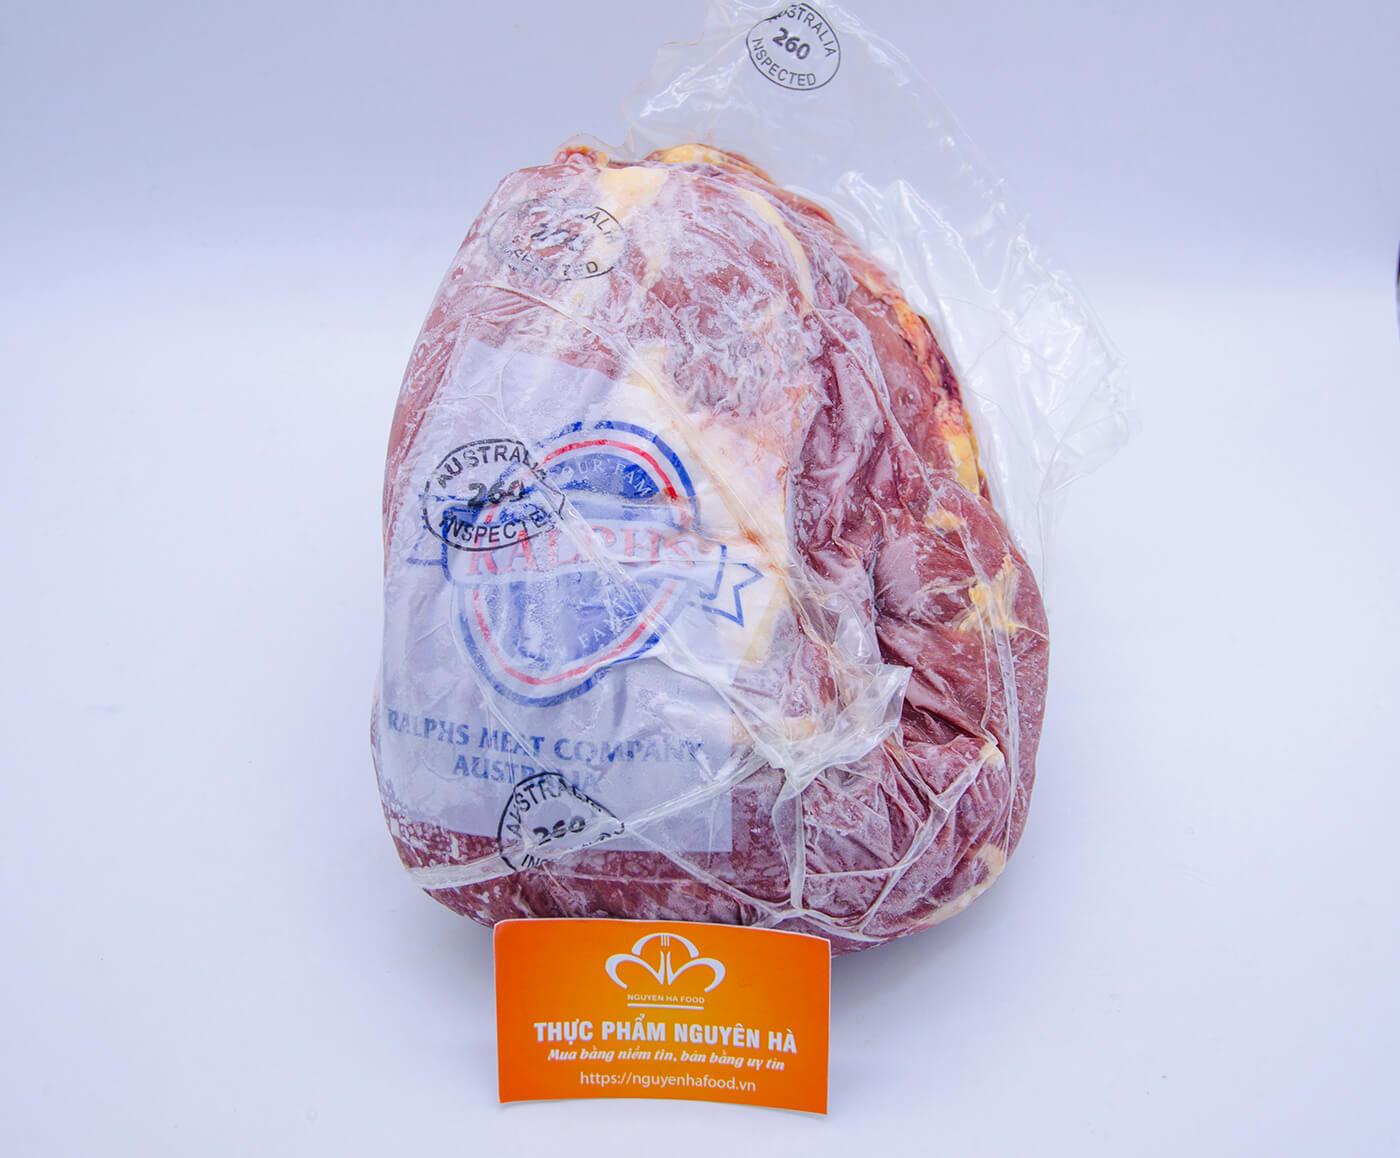 nắp file bò úc đông lạnh cao cấp  prime steer beef